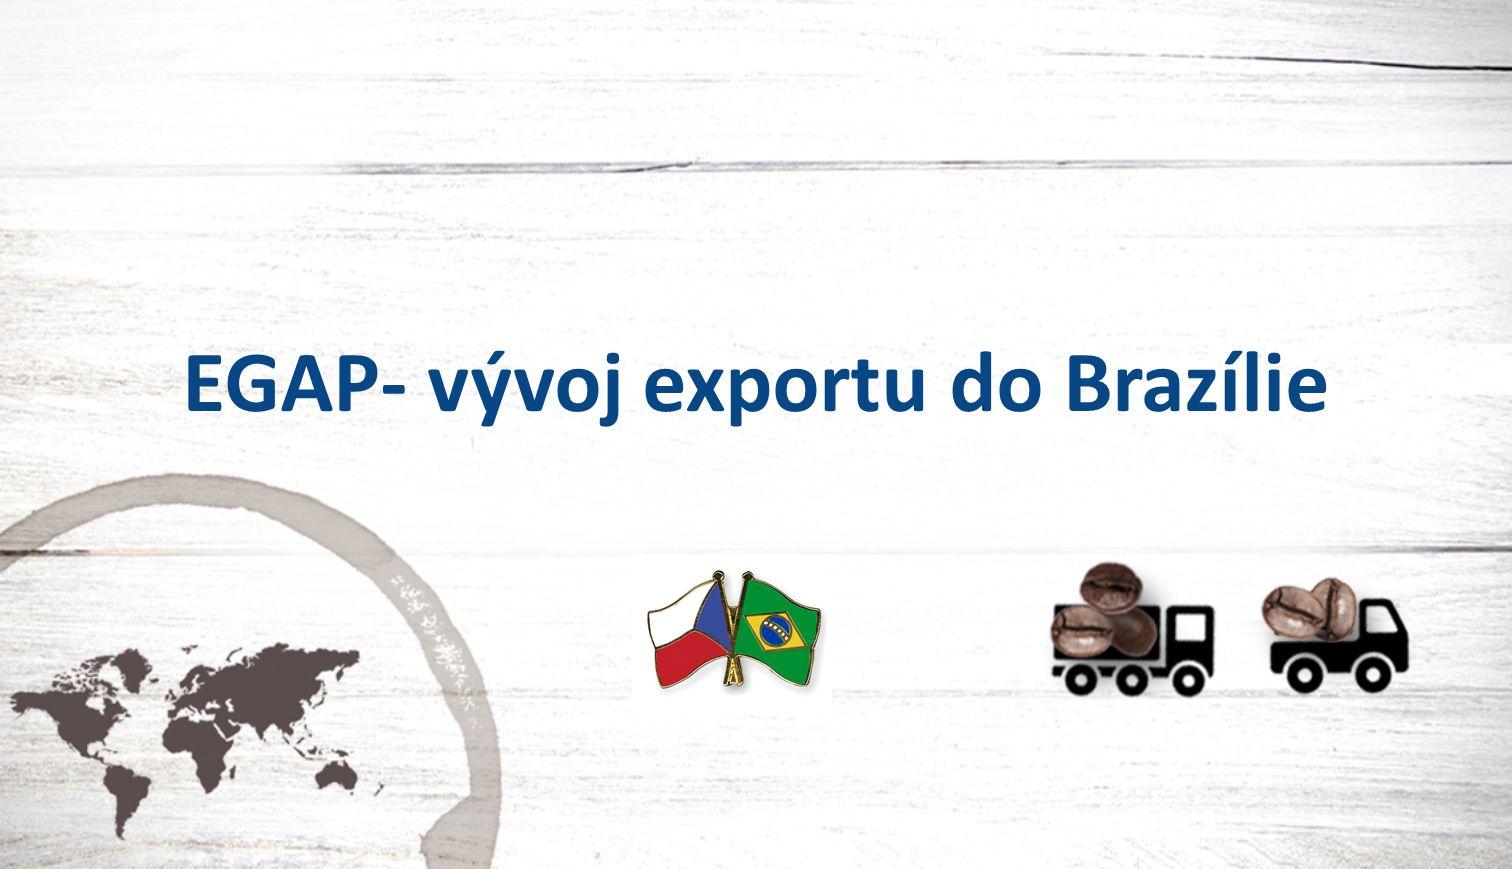 EGAP- vývoj exportu do Brazílie